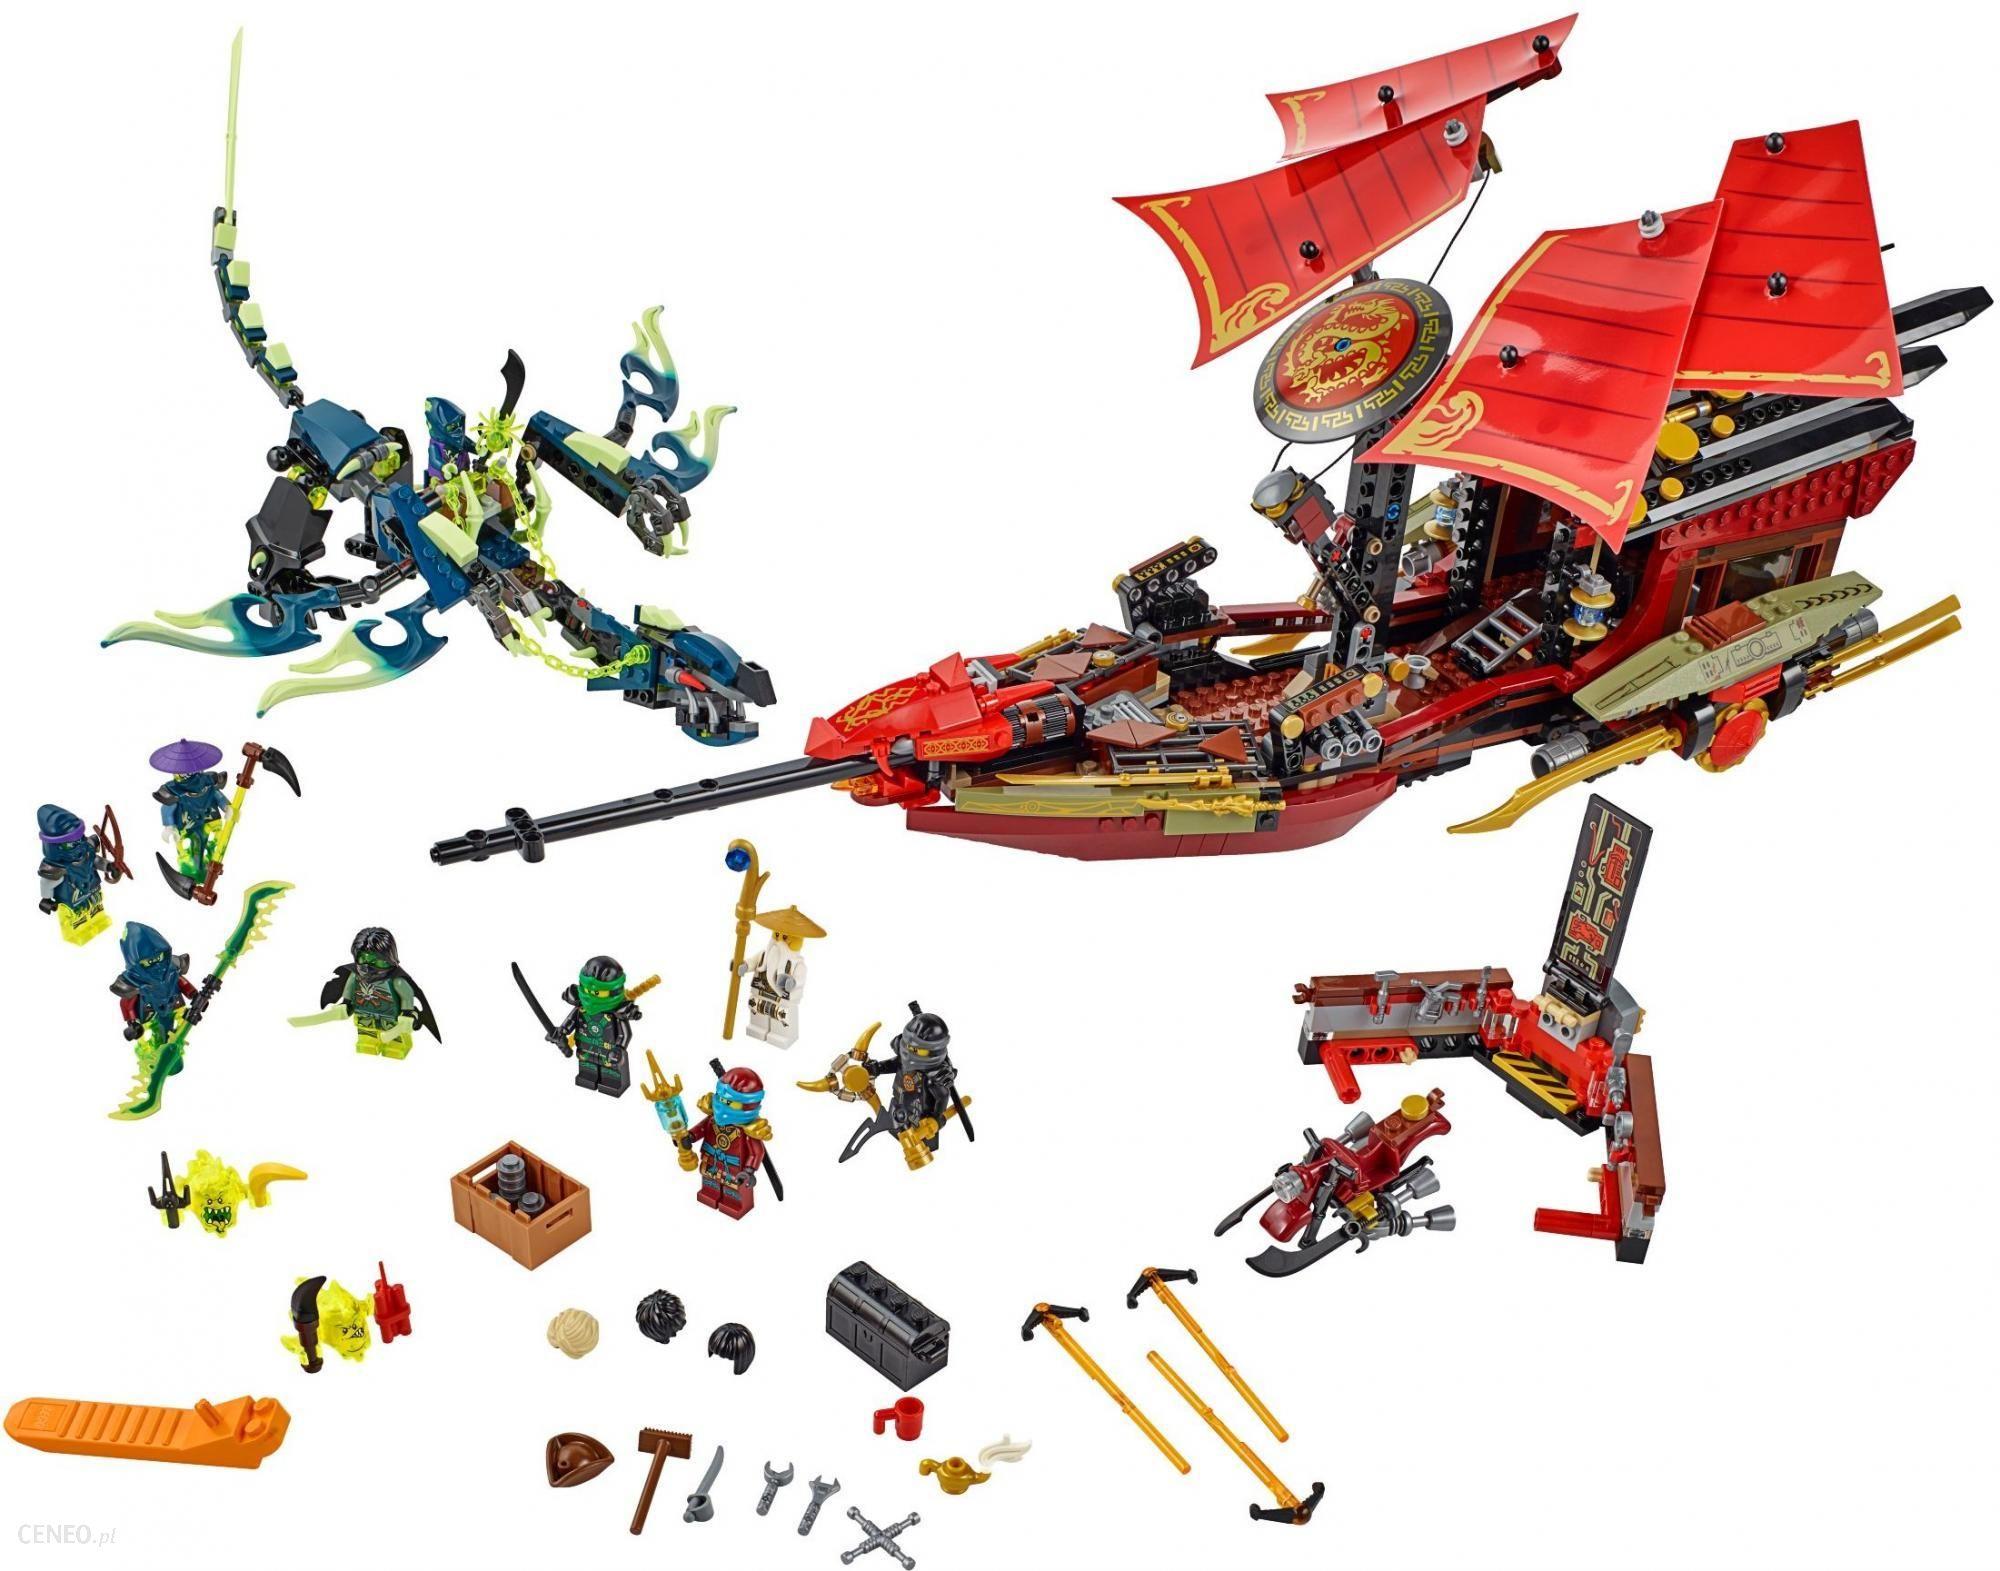 Klocki Lego Ninjago Ostatni Lot Perły Przeznaczenia 70738 Ceny I